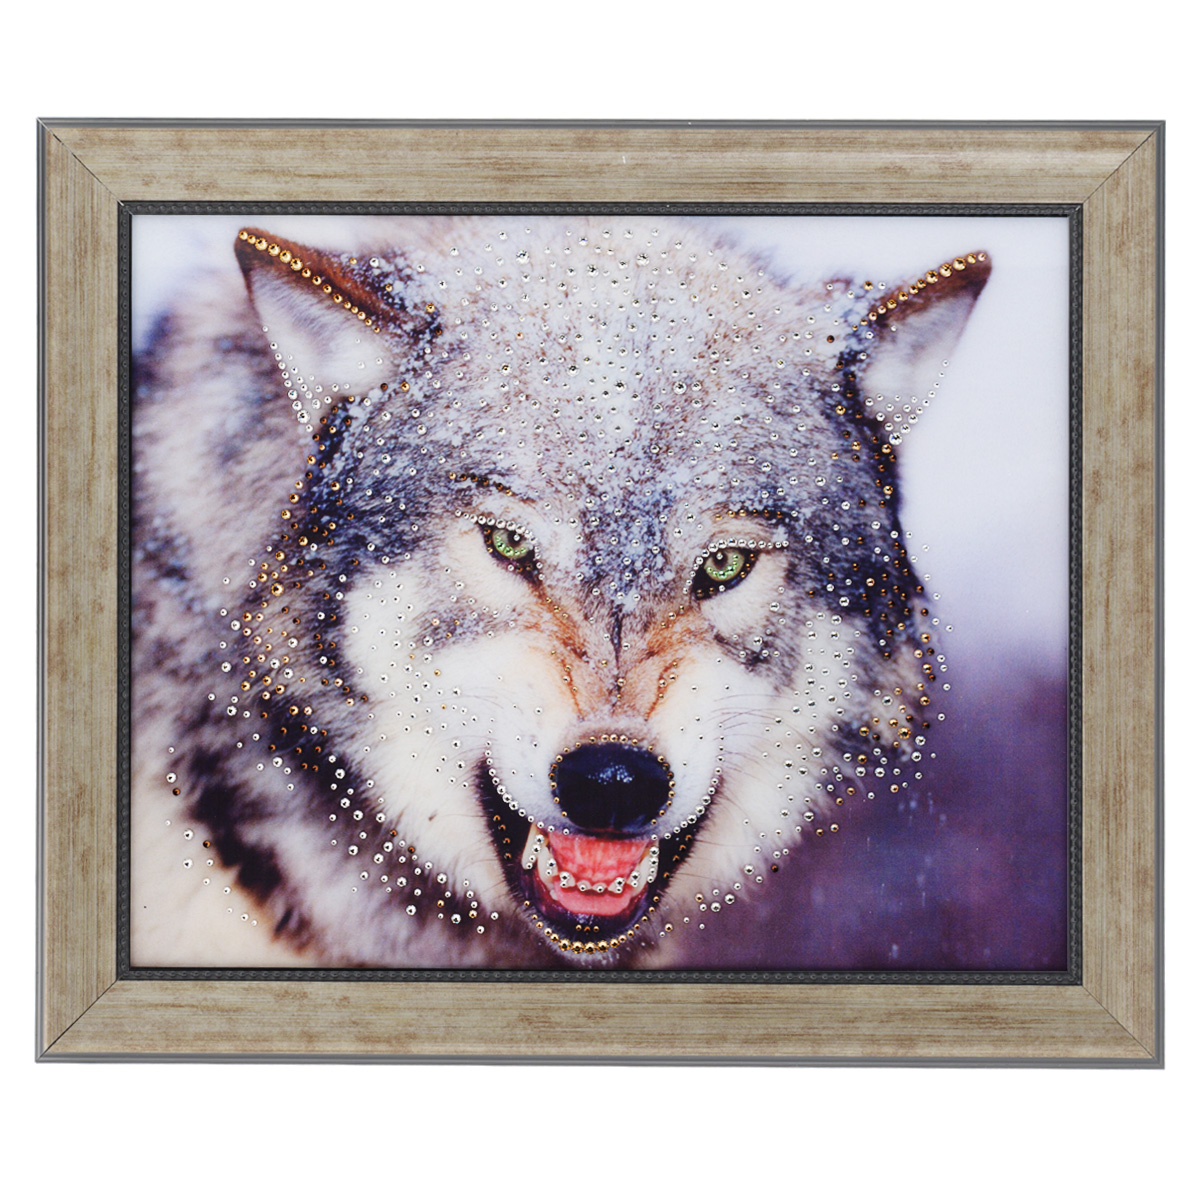 Картина с кристаллами Swarovski Волк, 60 х 50 смSG 14Изящная картина в багетной раме, инкрустирована кристаллами Swarovski, которые отличаются четкой и ровной огранкой, ярким блеском и чистотой цвета. Красочное изображение волка, расположенное под стеклом, прекрасно дополняет блеск кристаллов. С обратной стороны имеется металлическая проволока для размещения картины на стене. Картина с кристаллами Swarovski Волк элегантно украсит интерьер дома или офиса, а также станет прекрасным подарком, который обязательно понравится получателю. Блеск кристаллов в интерьере, что может быть сказочнее и удивительнее. Картина упакована в подарочную картонную коробку синего цвета и комплектуется сертификатом соответствия Swarovski.